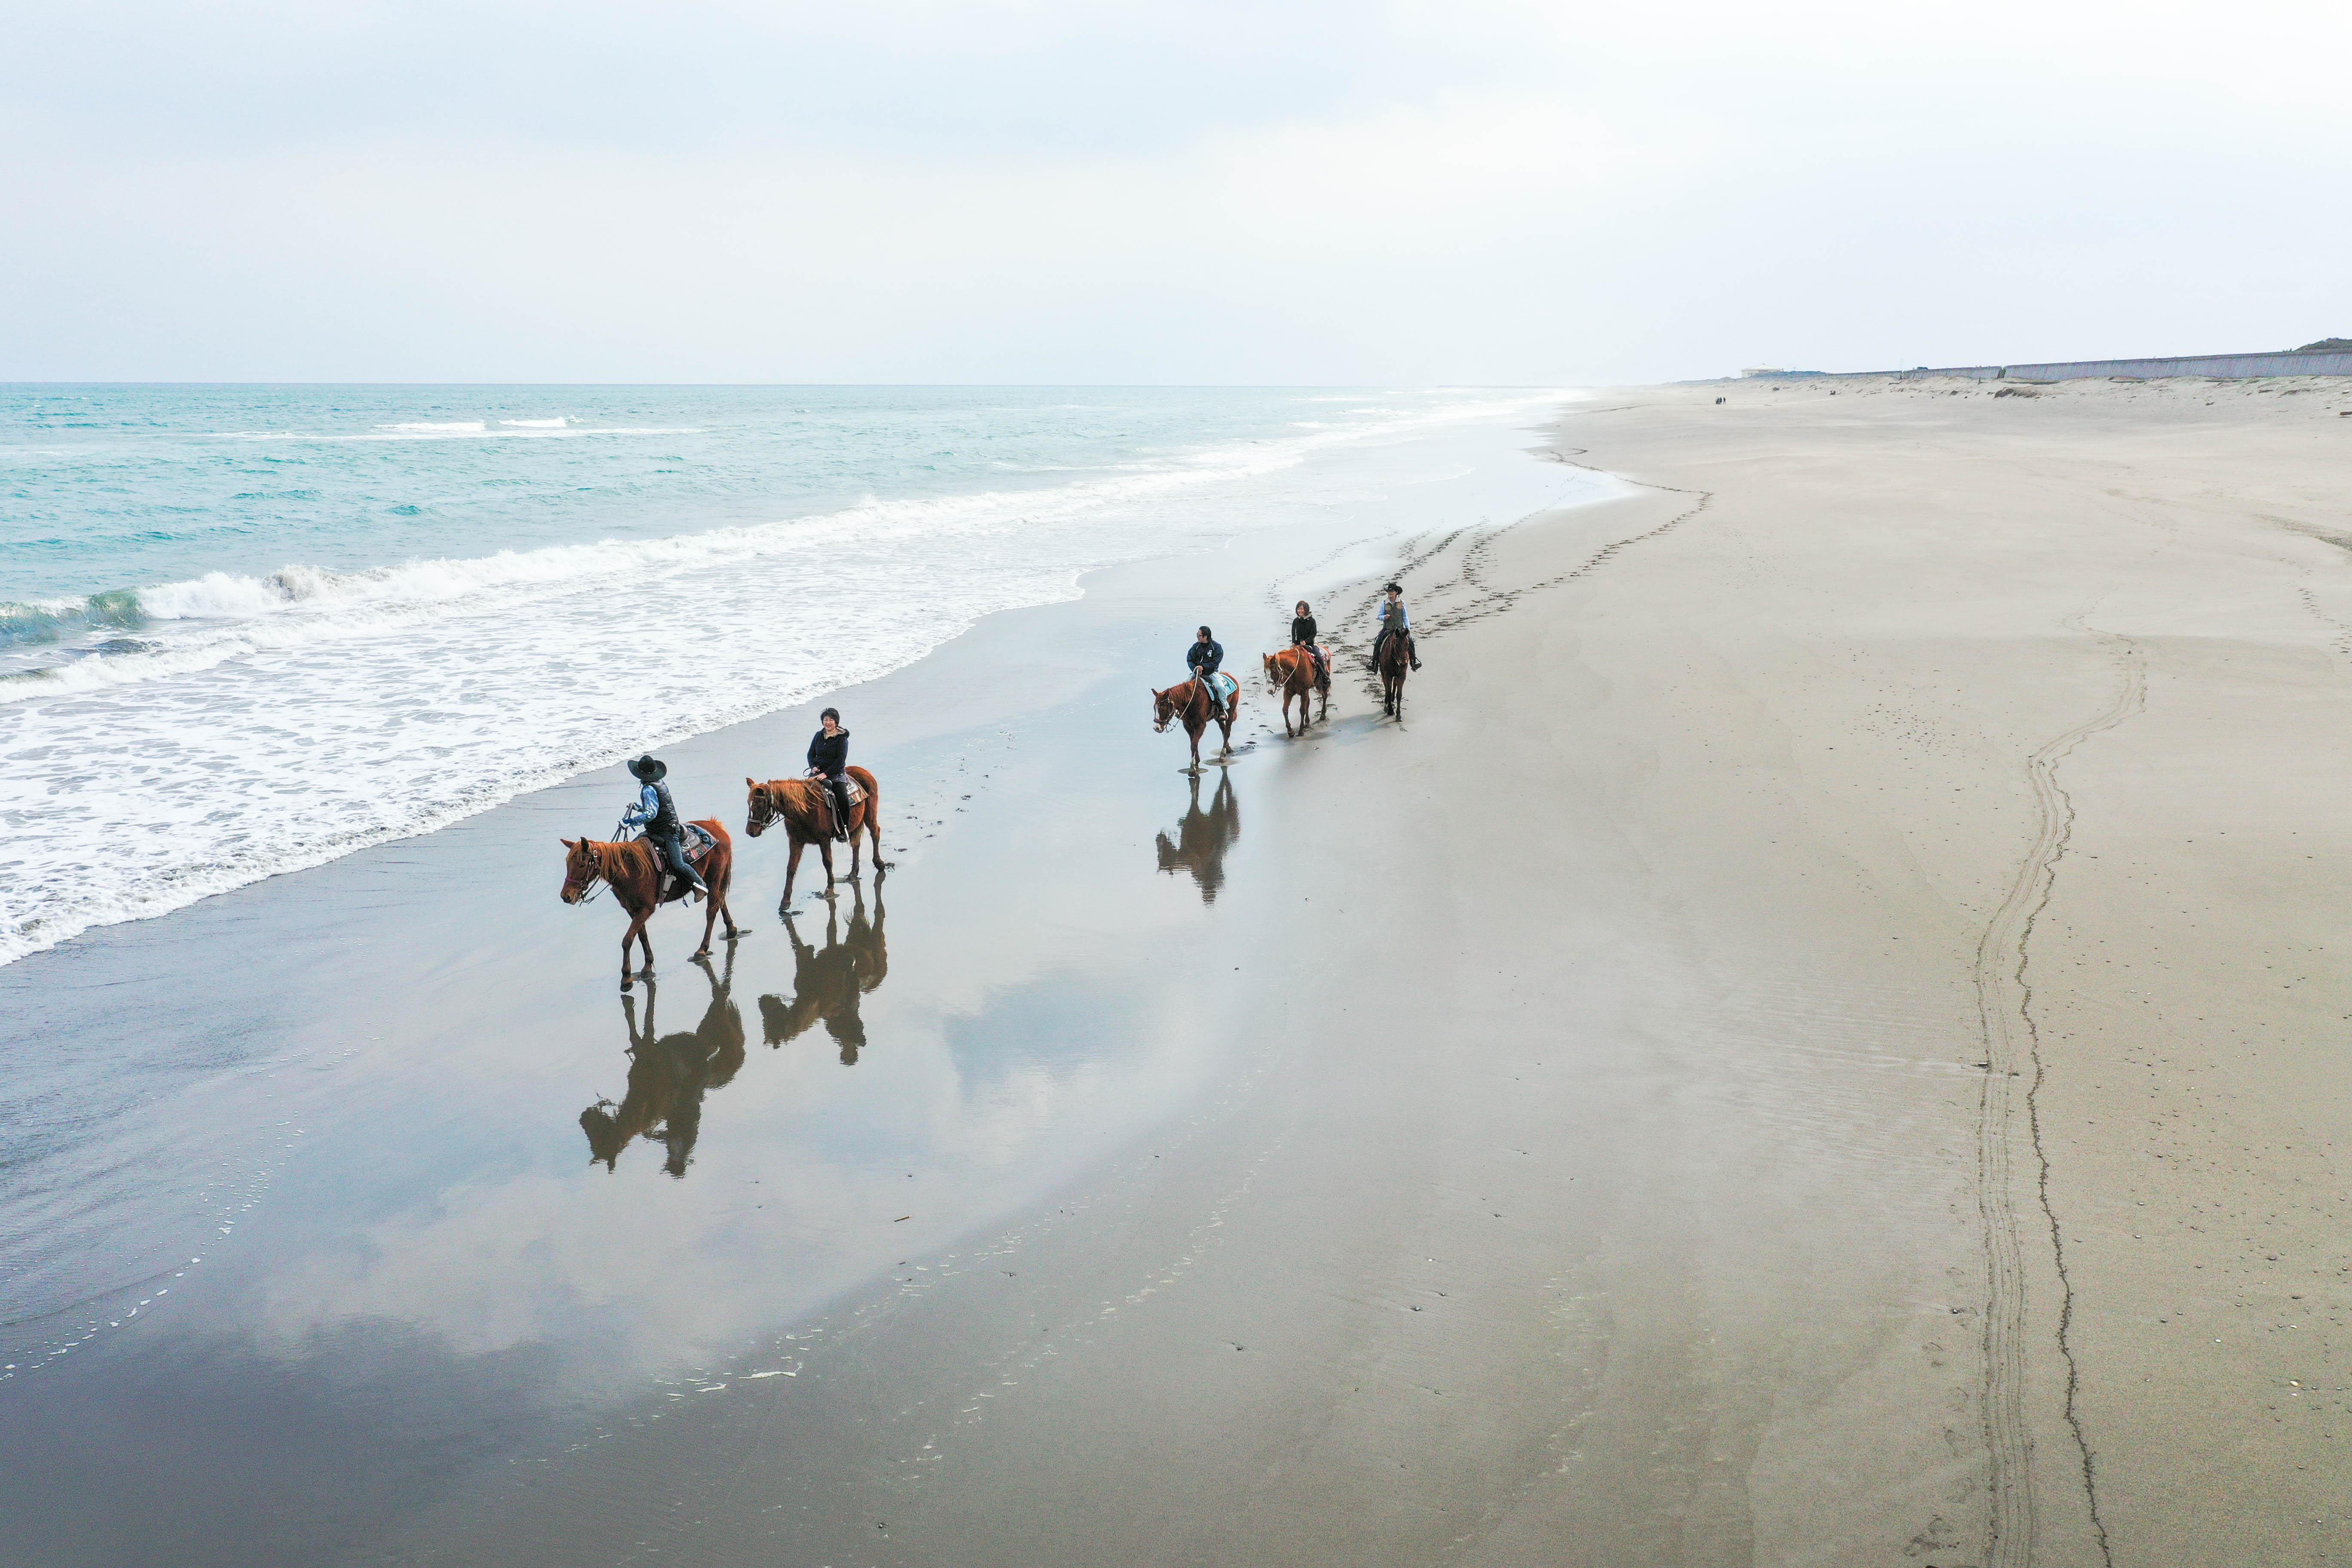 西日本トップクラスの快適さ!潮風感じる乗馬体験(最大4名)【T8】